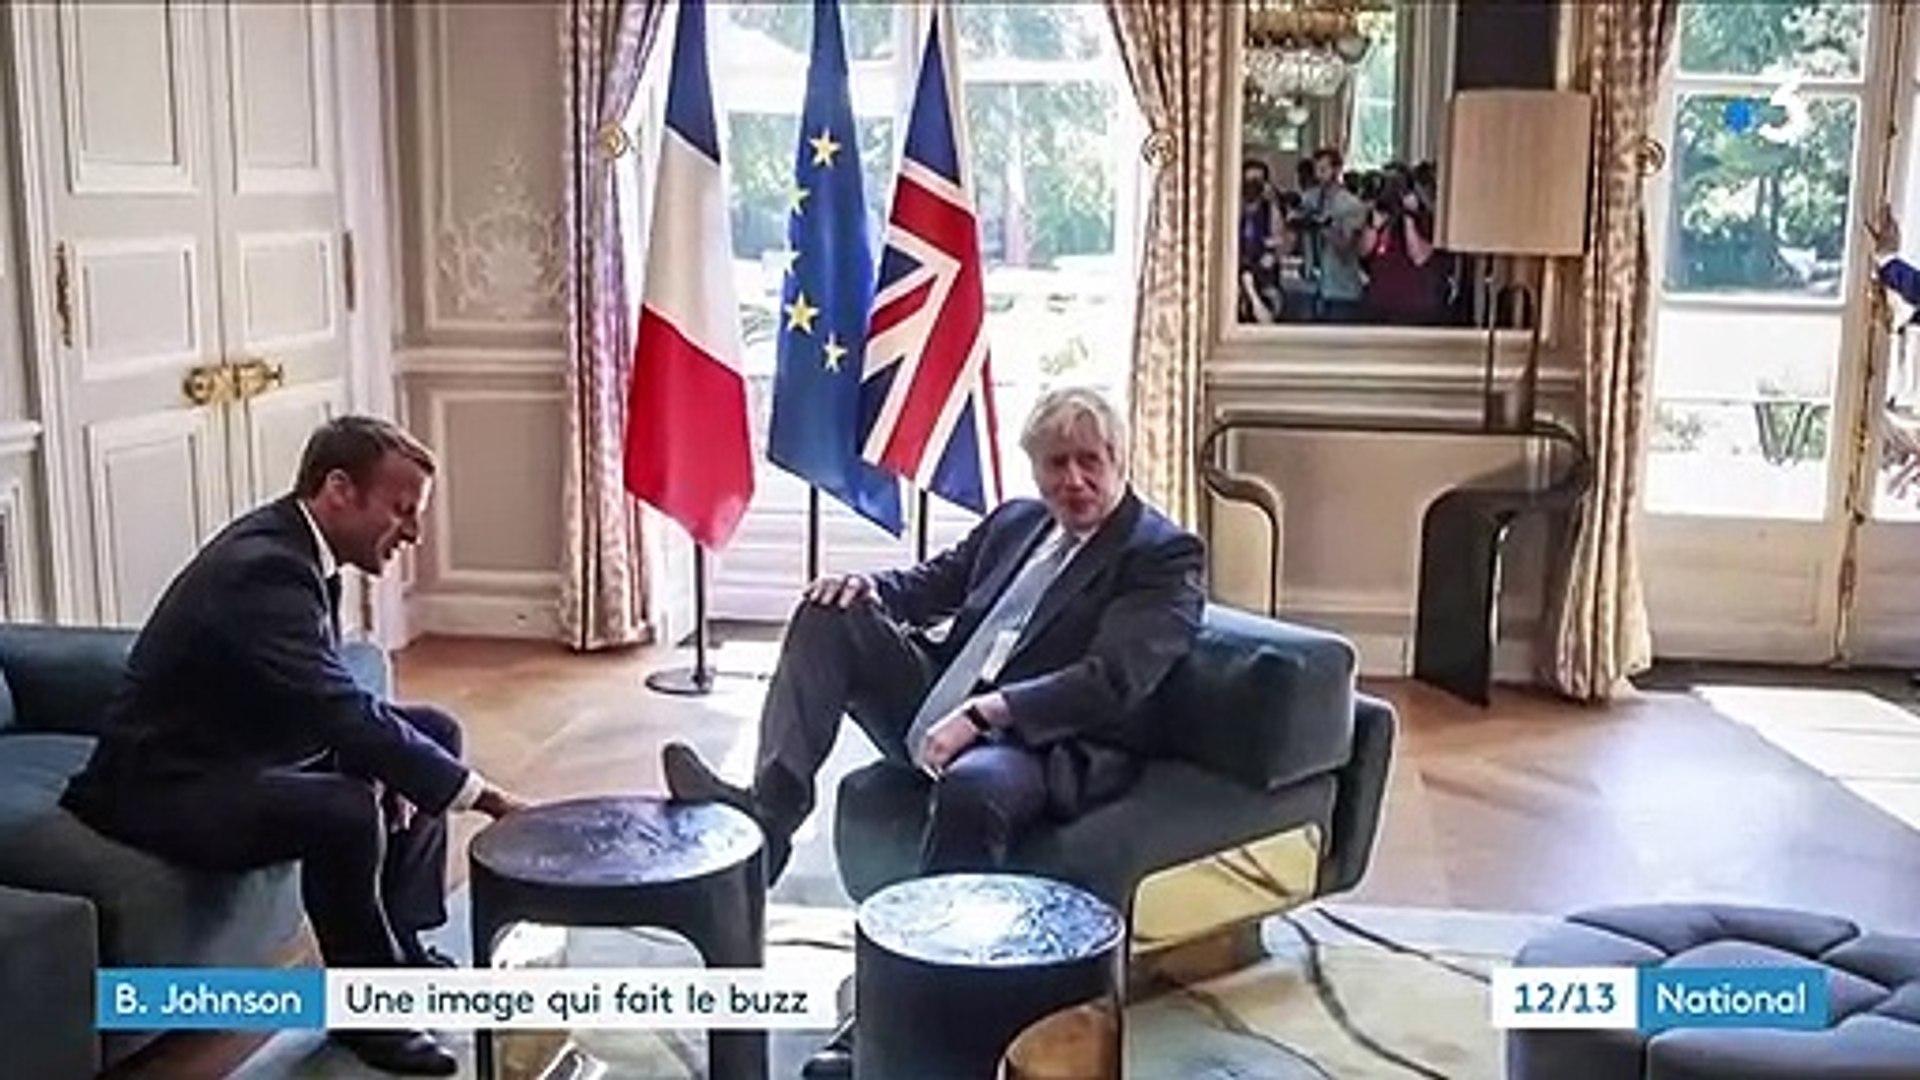 Boris Johnson Le Pied Sur Une Table De L Elysee Une Image Qui